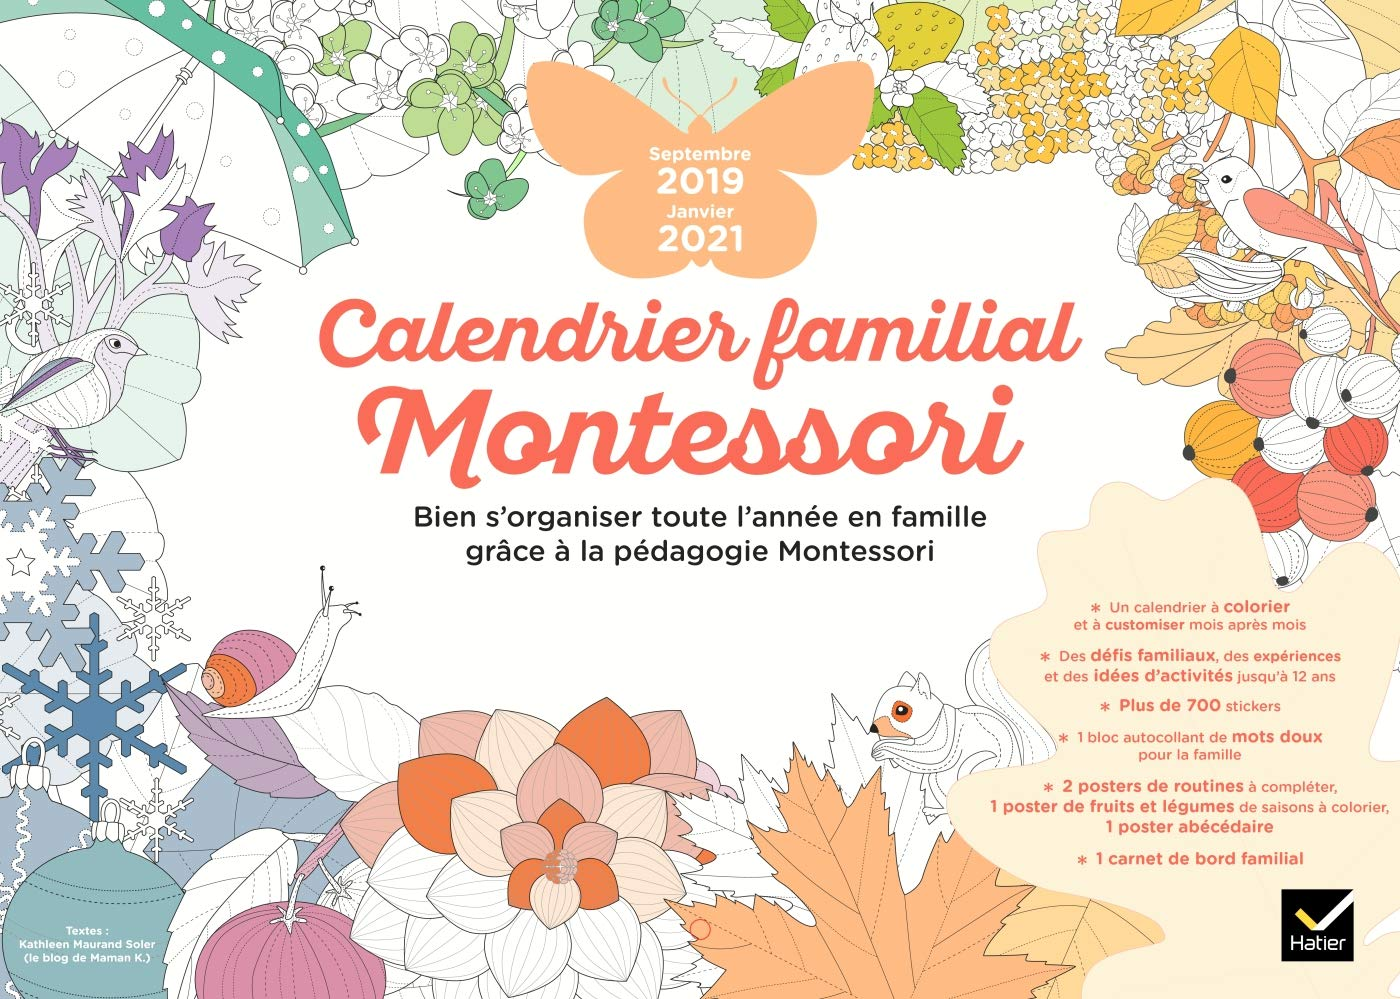 Calendrier Montessori 2021 Calendrier familial Montessori septembre 2019   janvier 2021 (Vie